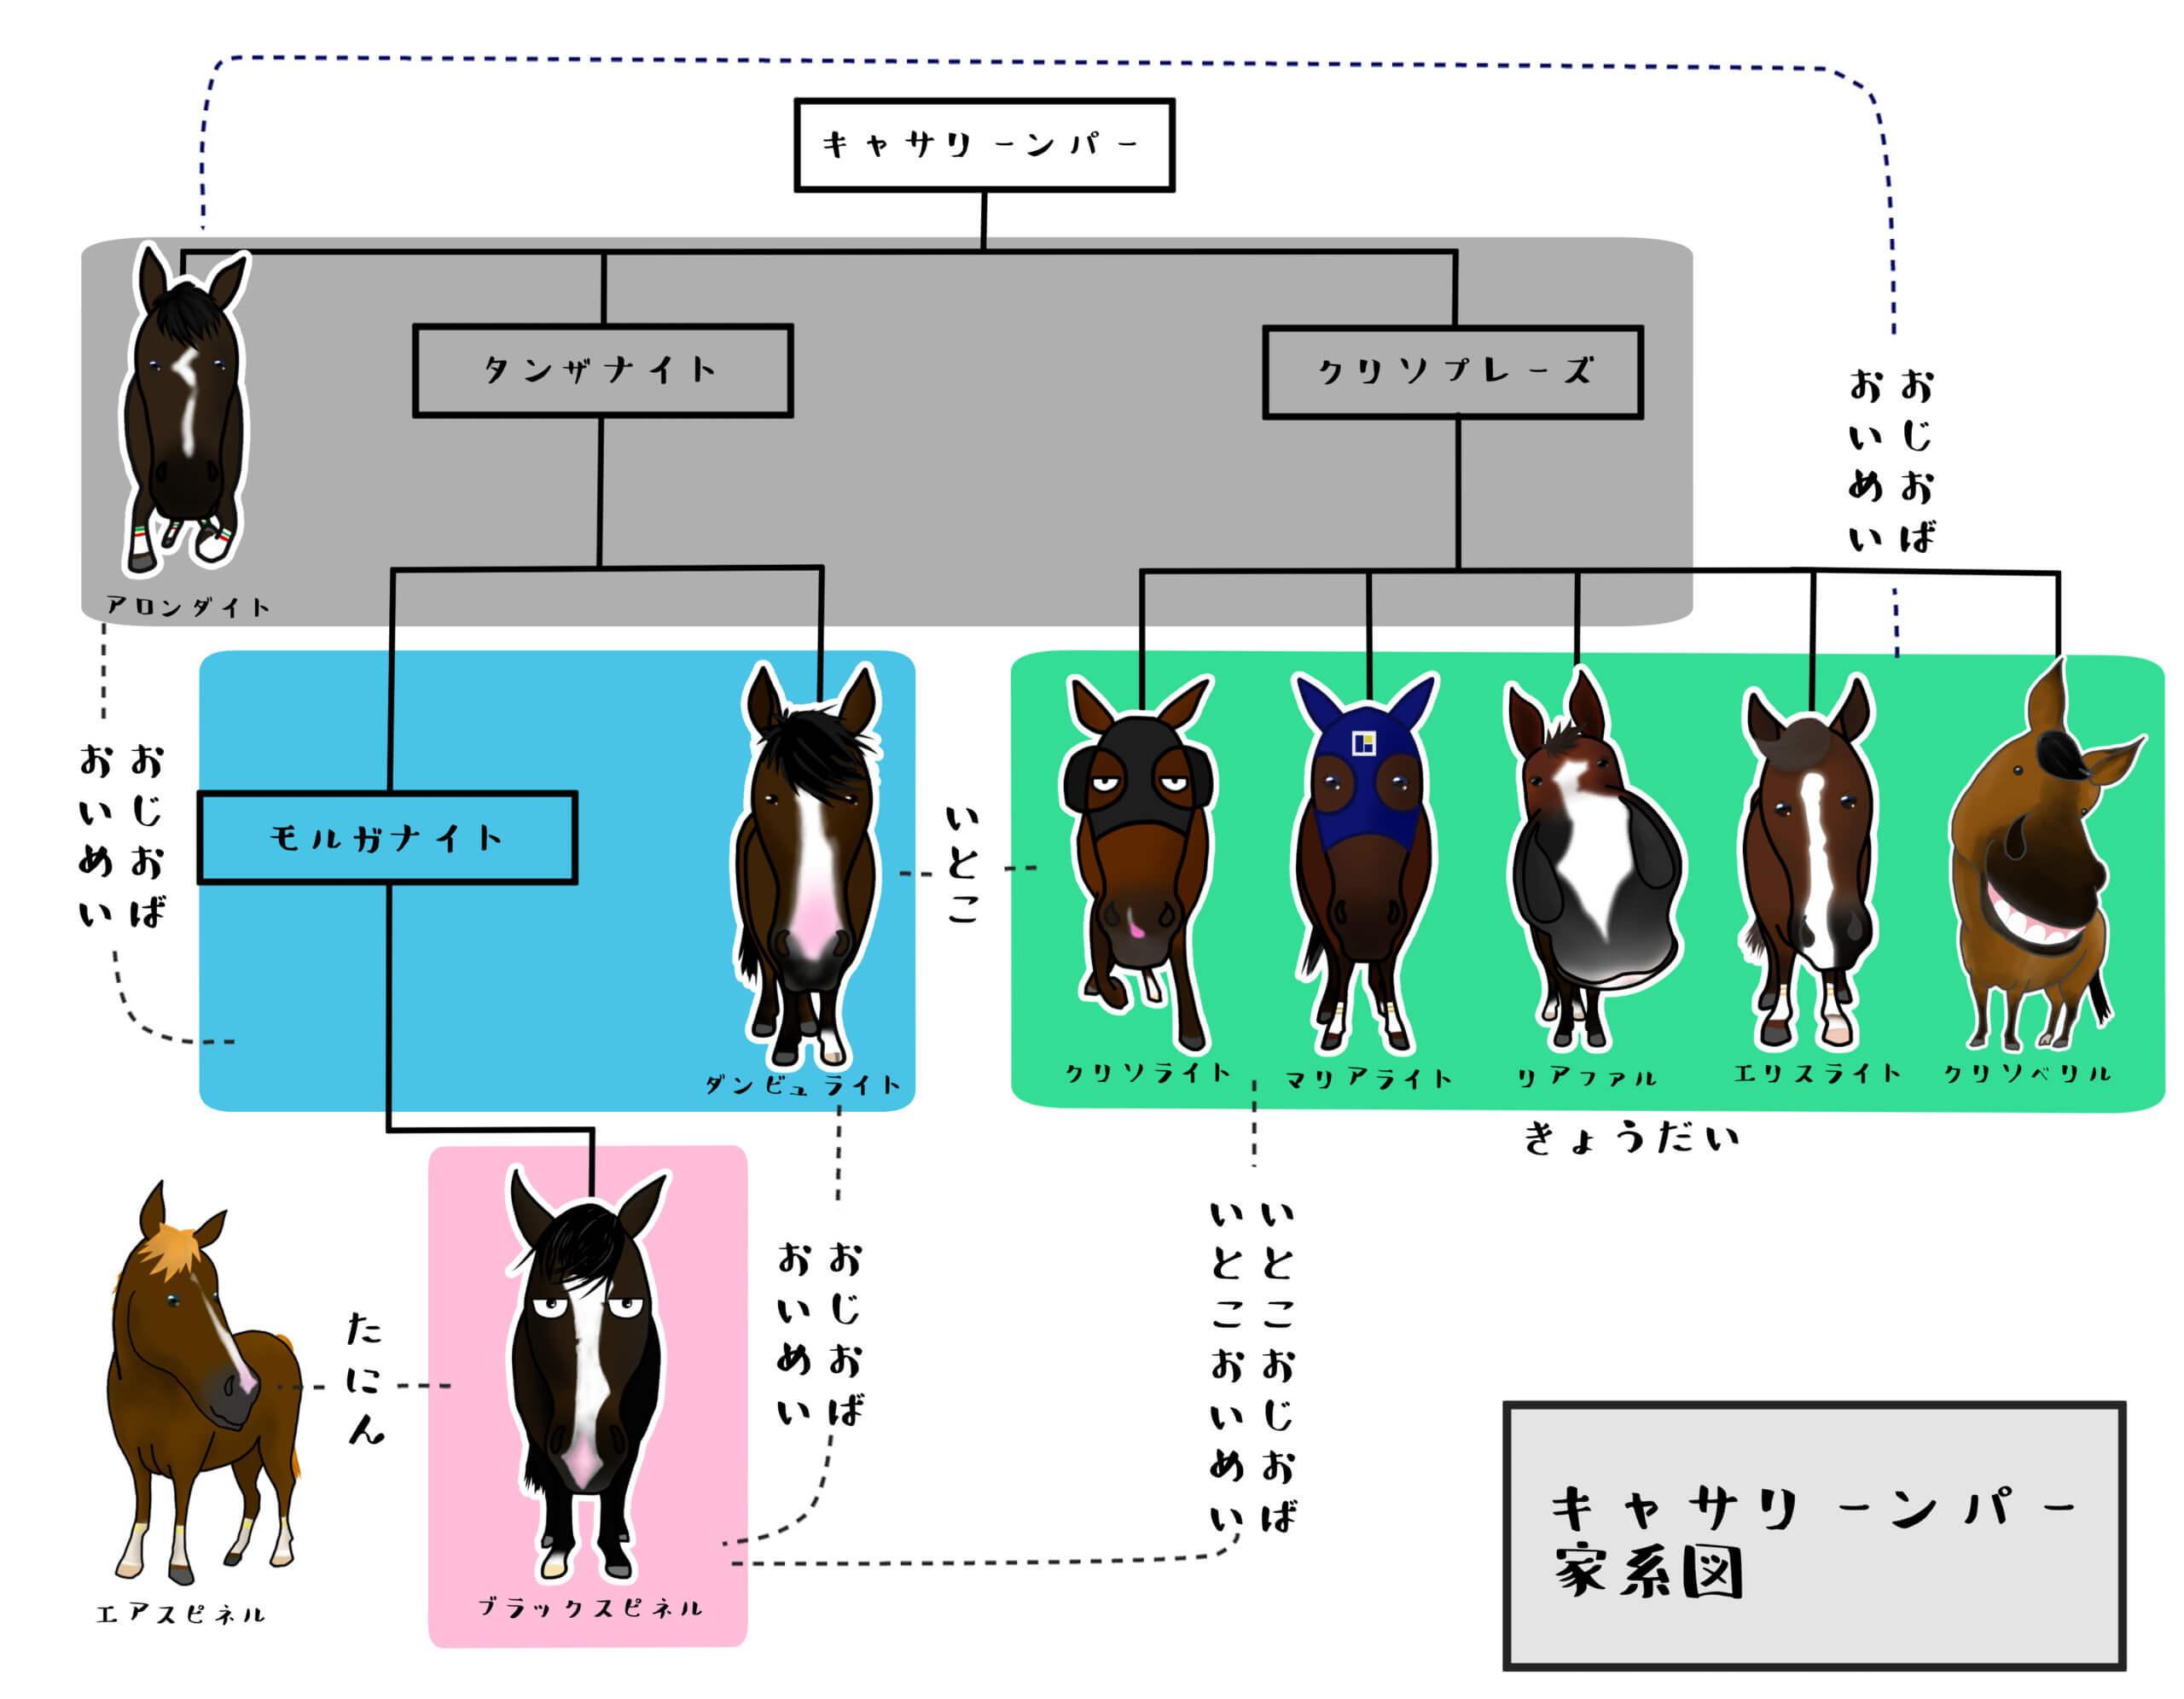 キャサリンパーの家系図